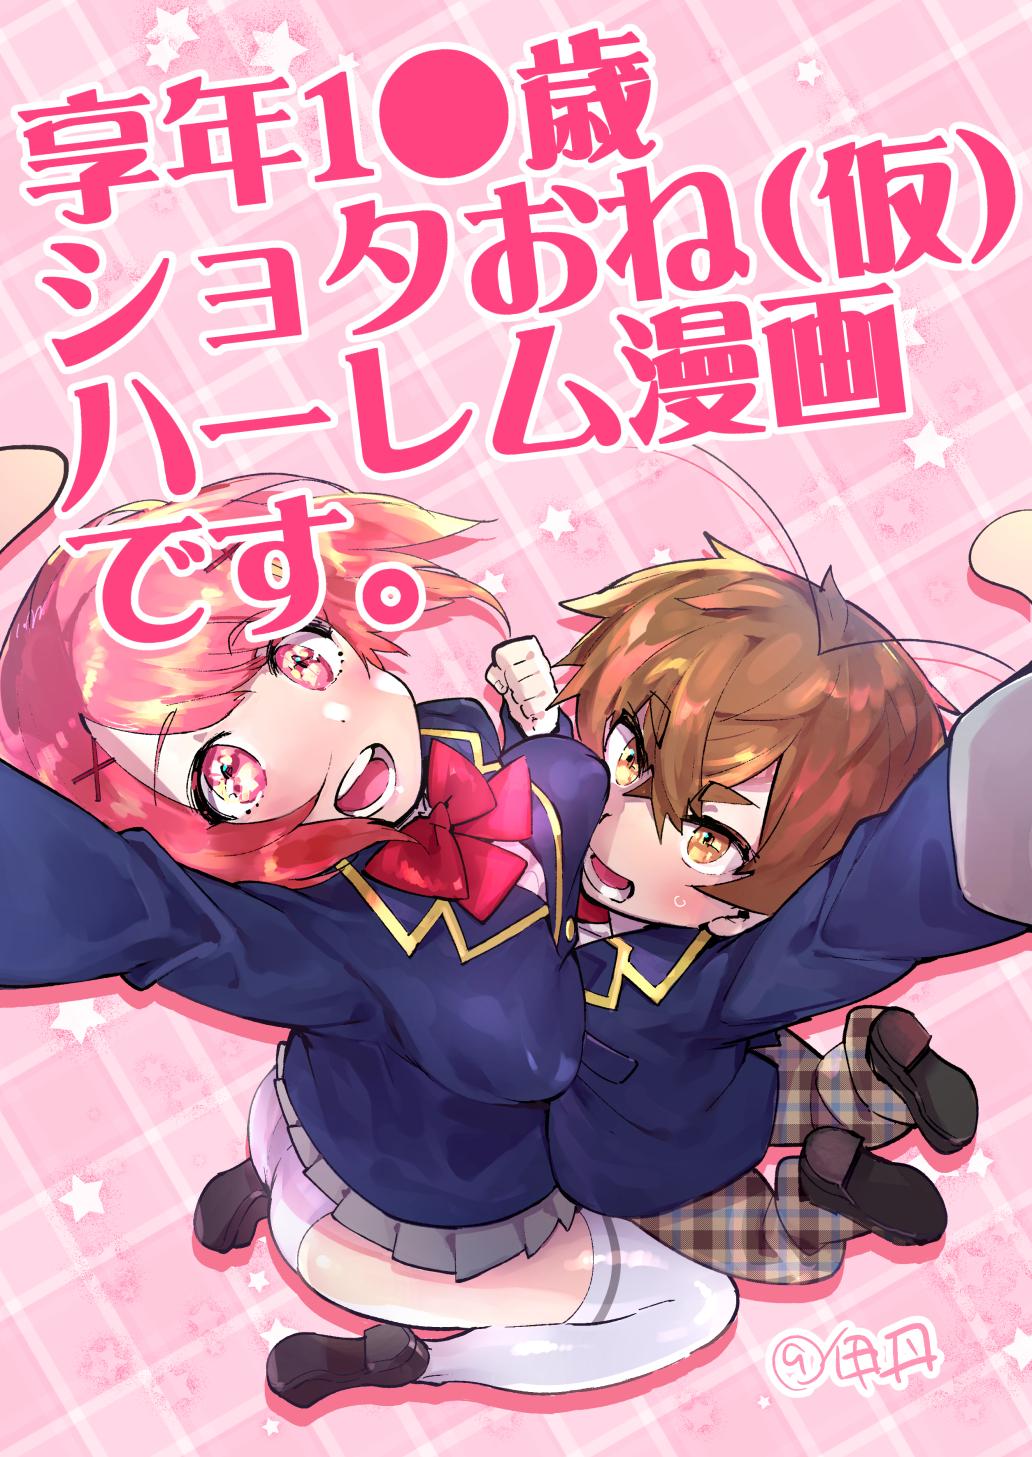 ショタおね連載【発情ハーレム!#1】アナンガ・ランガVol.32掲載